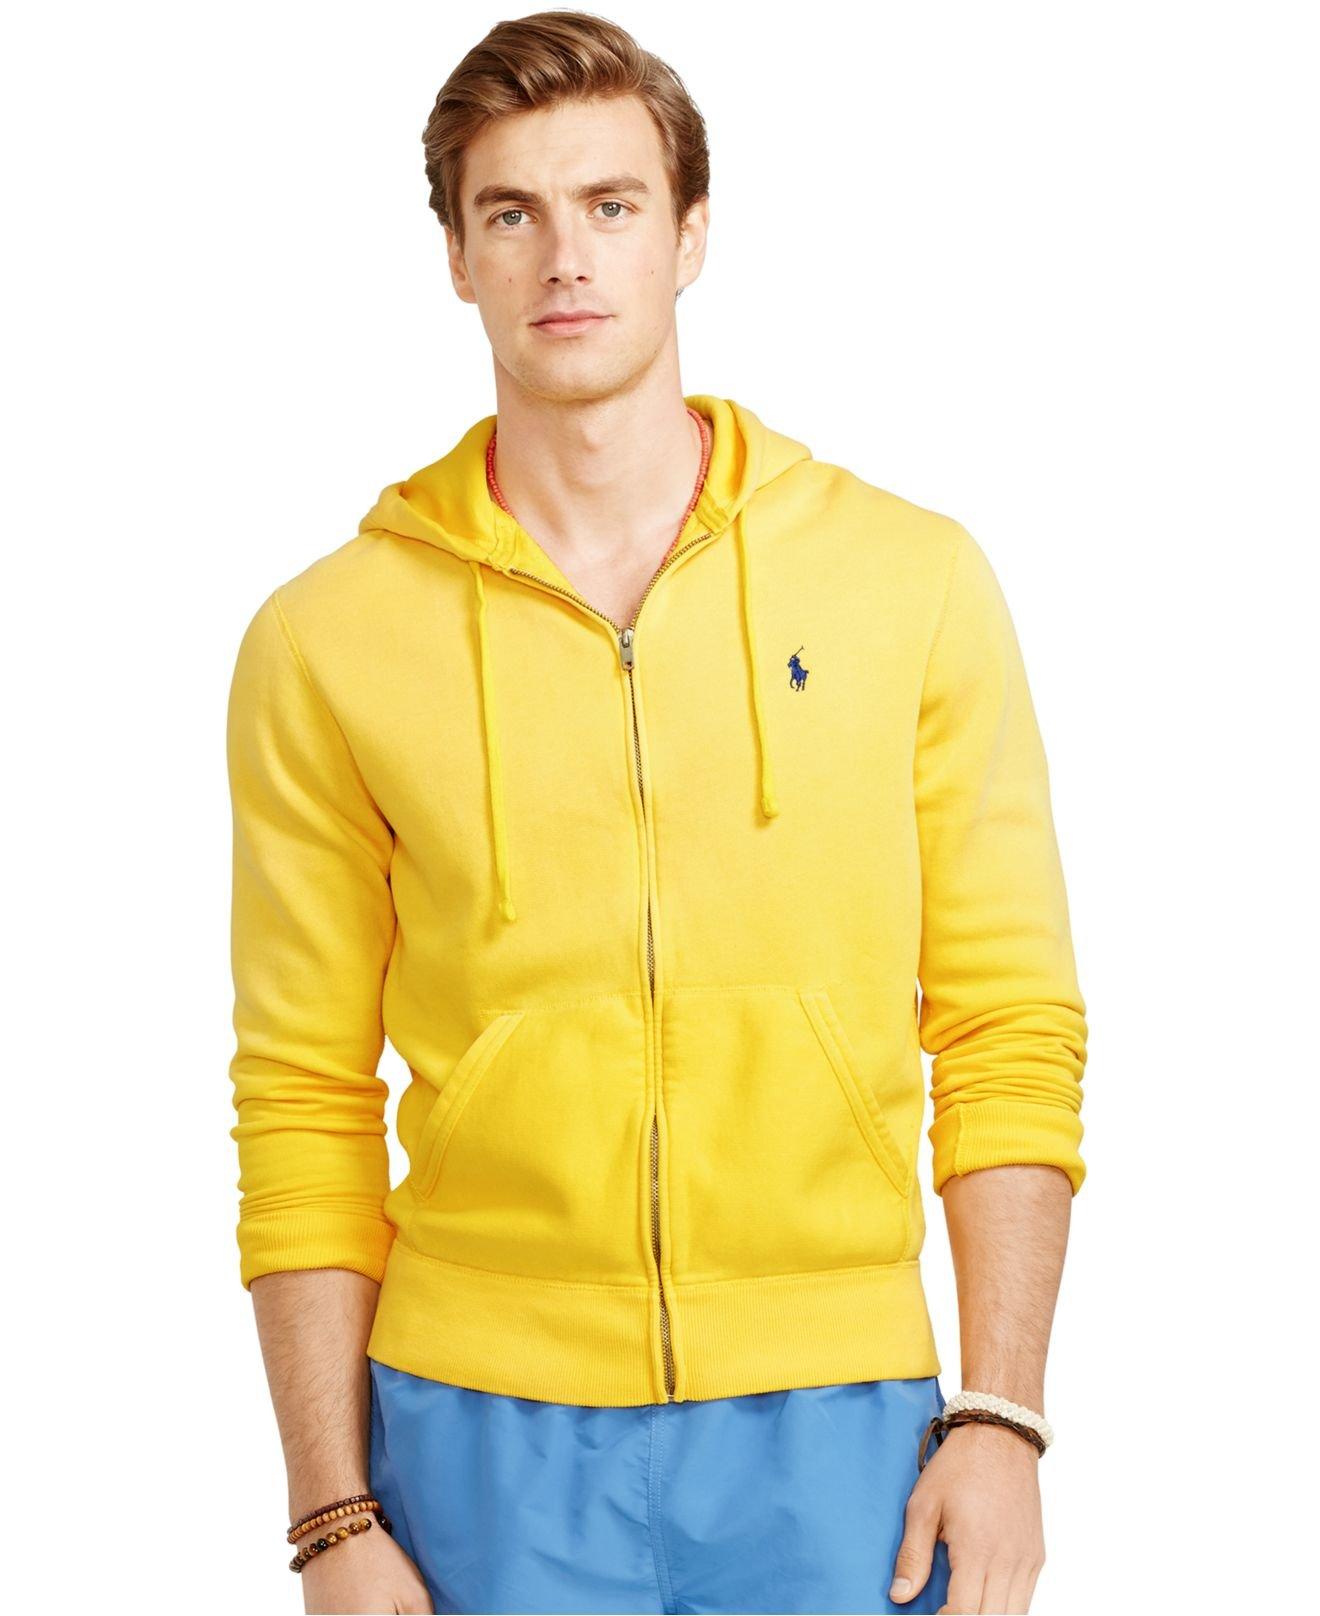 polo ralph lauren full zip fleece hoodie in yellow for men. Black Bedroom Furniture Sets. Home Design Ideas